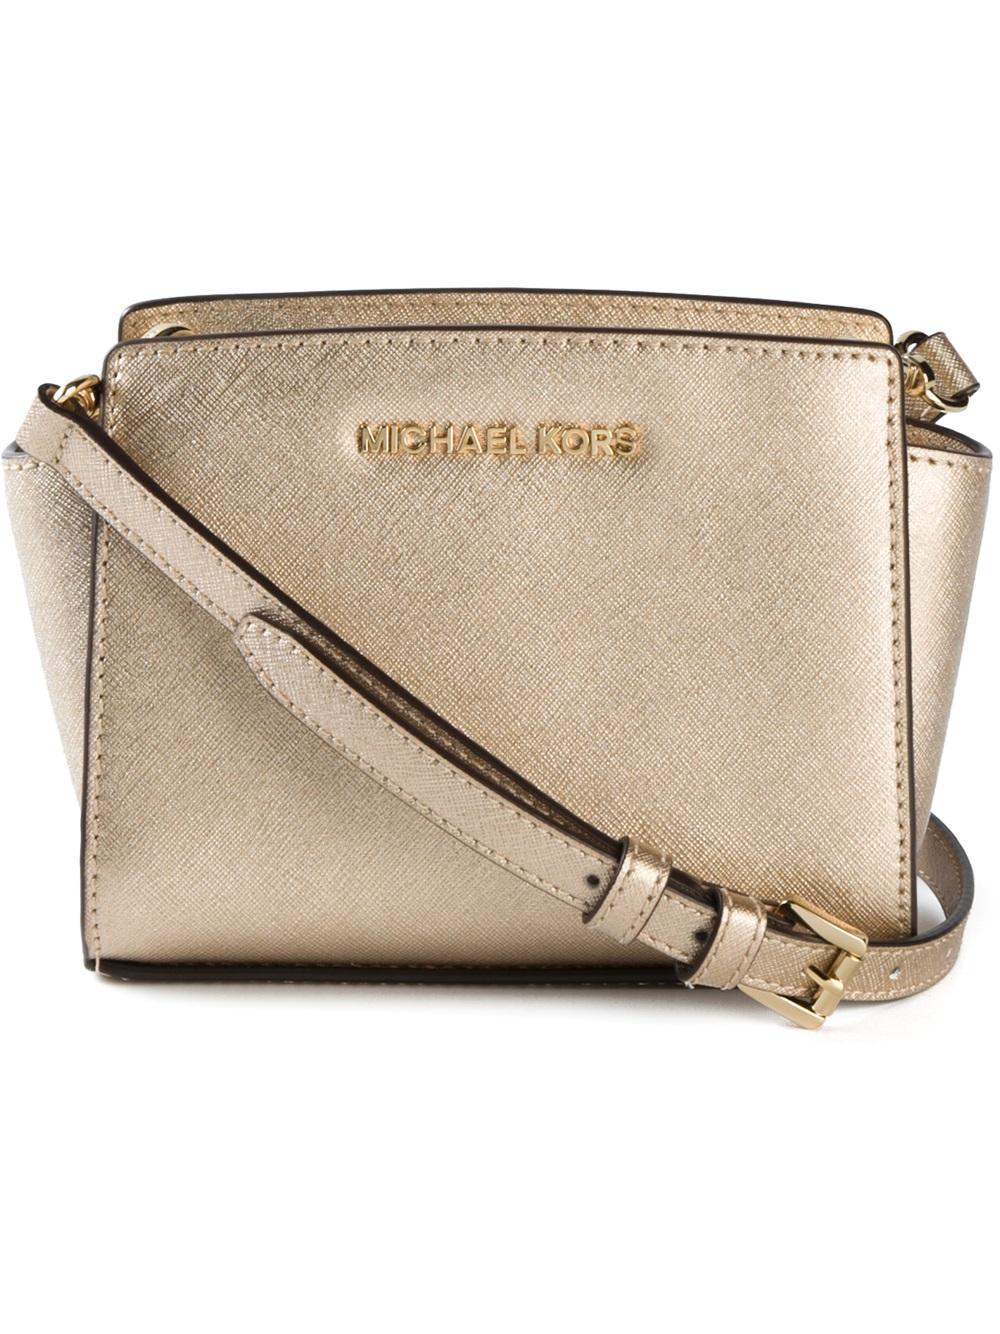 2a77b8c84aae Lyst - MICHAEL Michael Kors Selma Mini Messenger Bag in Natural